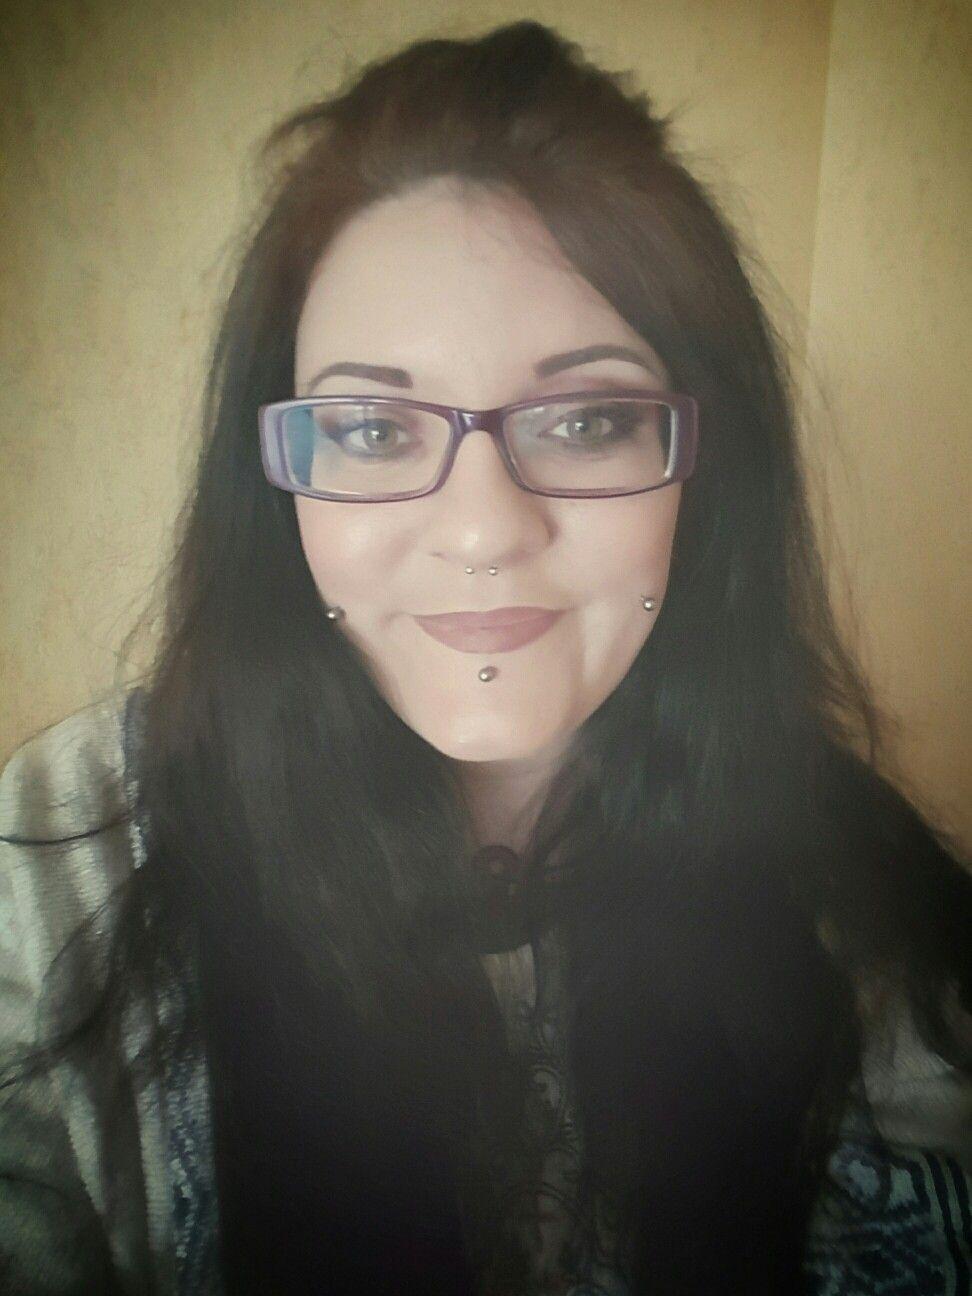 Cheeks piercing done! #cheeks #cheekspiercing #septumpiercing #girlswithpiercings